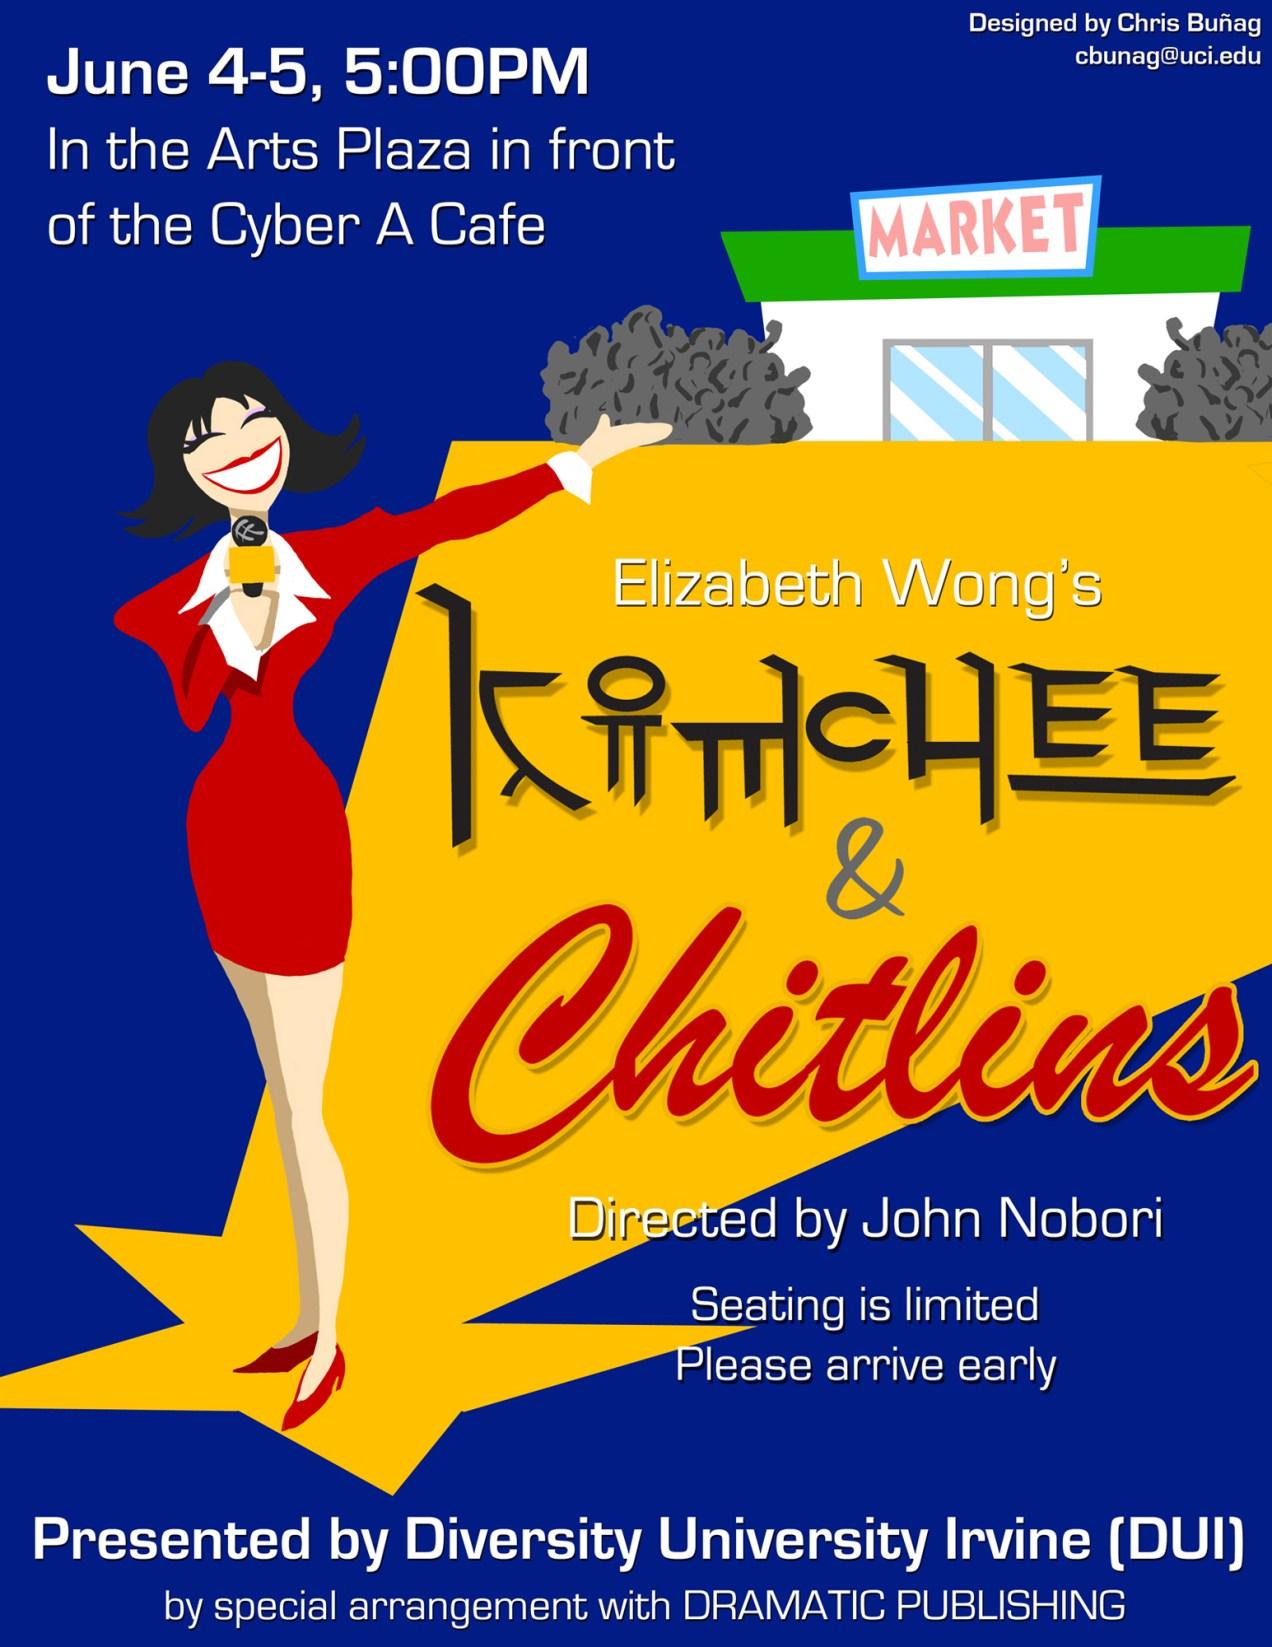 Kimchee & Chitlins - Flier